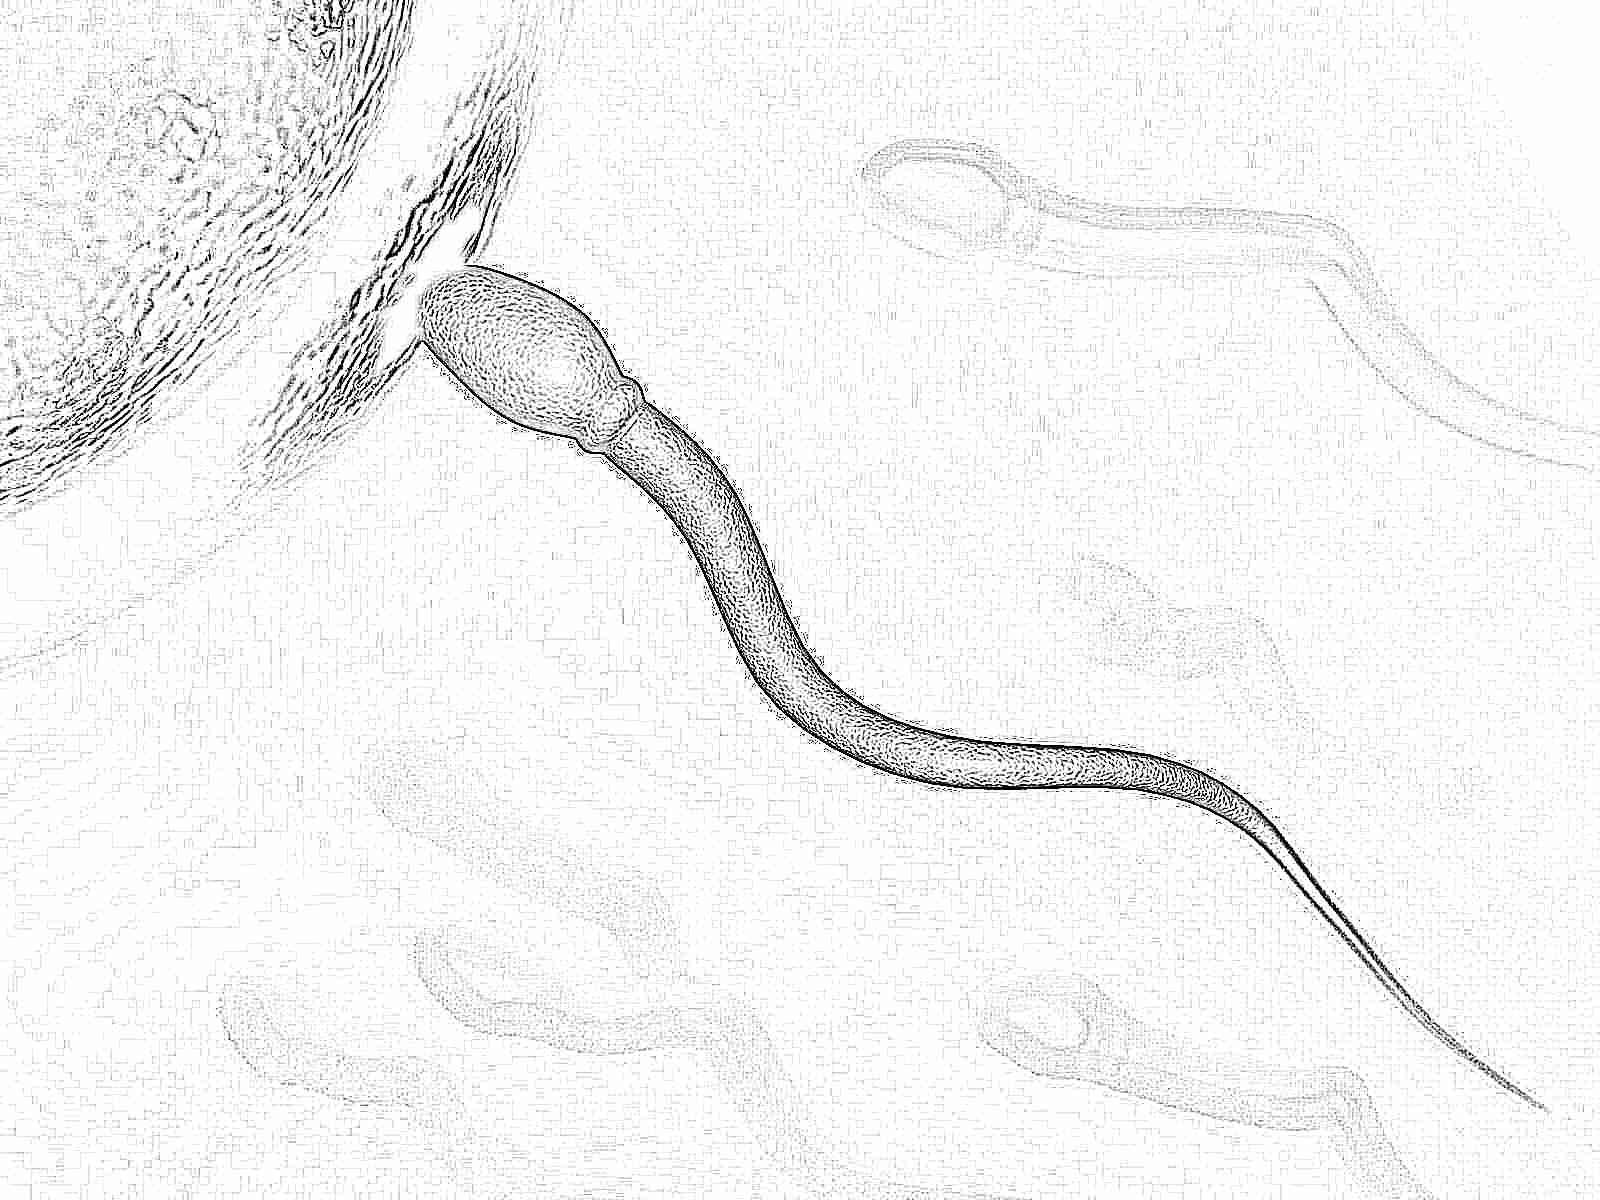 Как долго могут существовать сперматозоиды